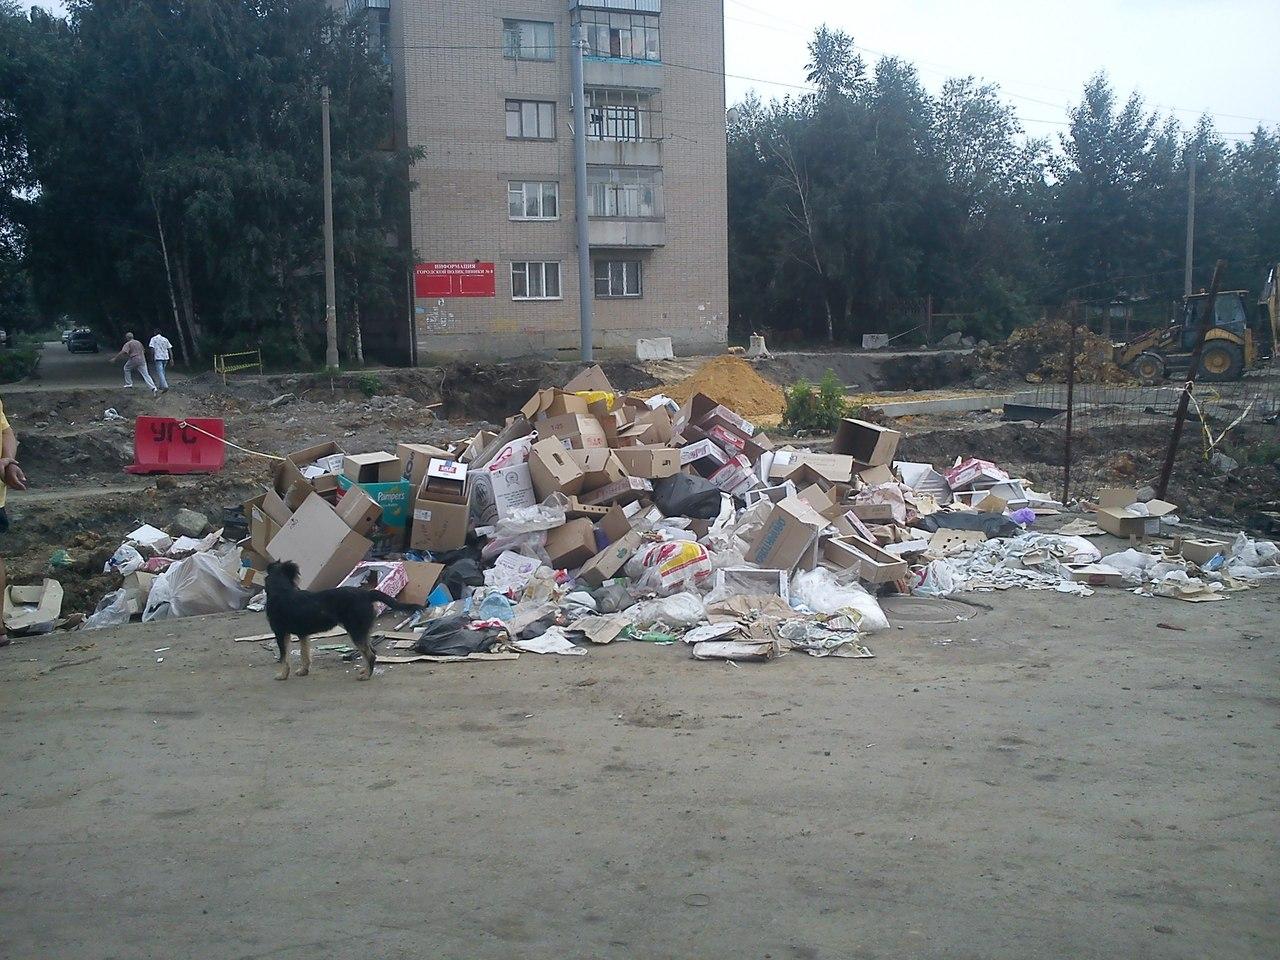 О порядке сбора твердых бытовых отходов, в том числе и о внедрении раздельного сбора, говорили се